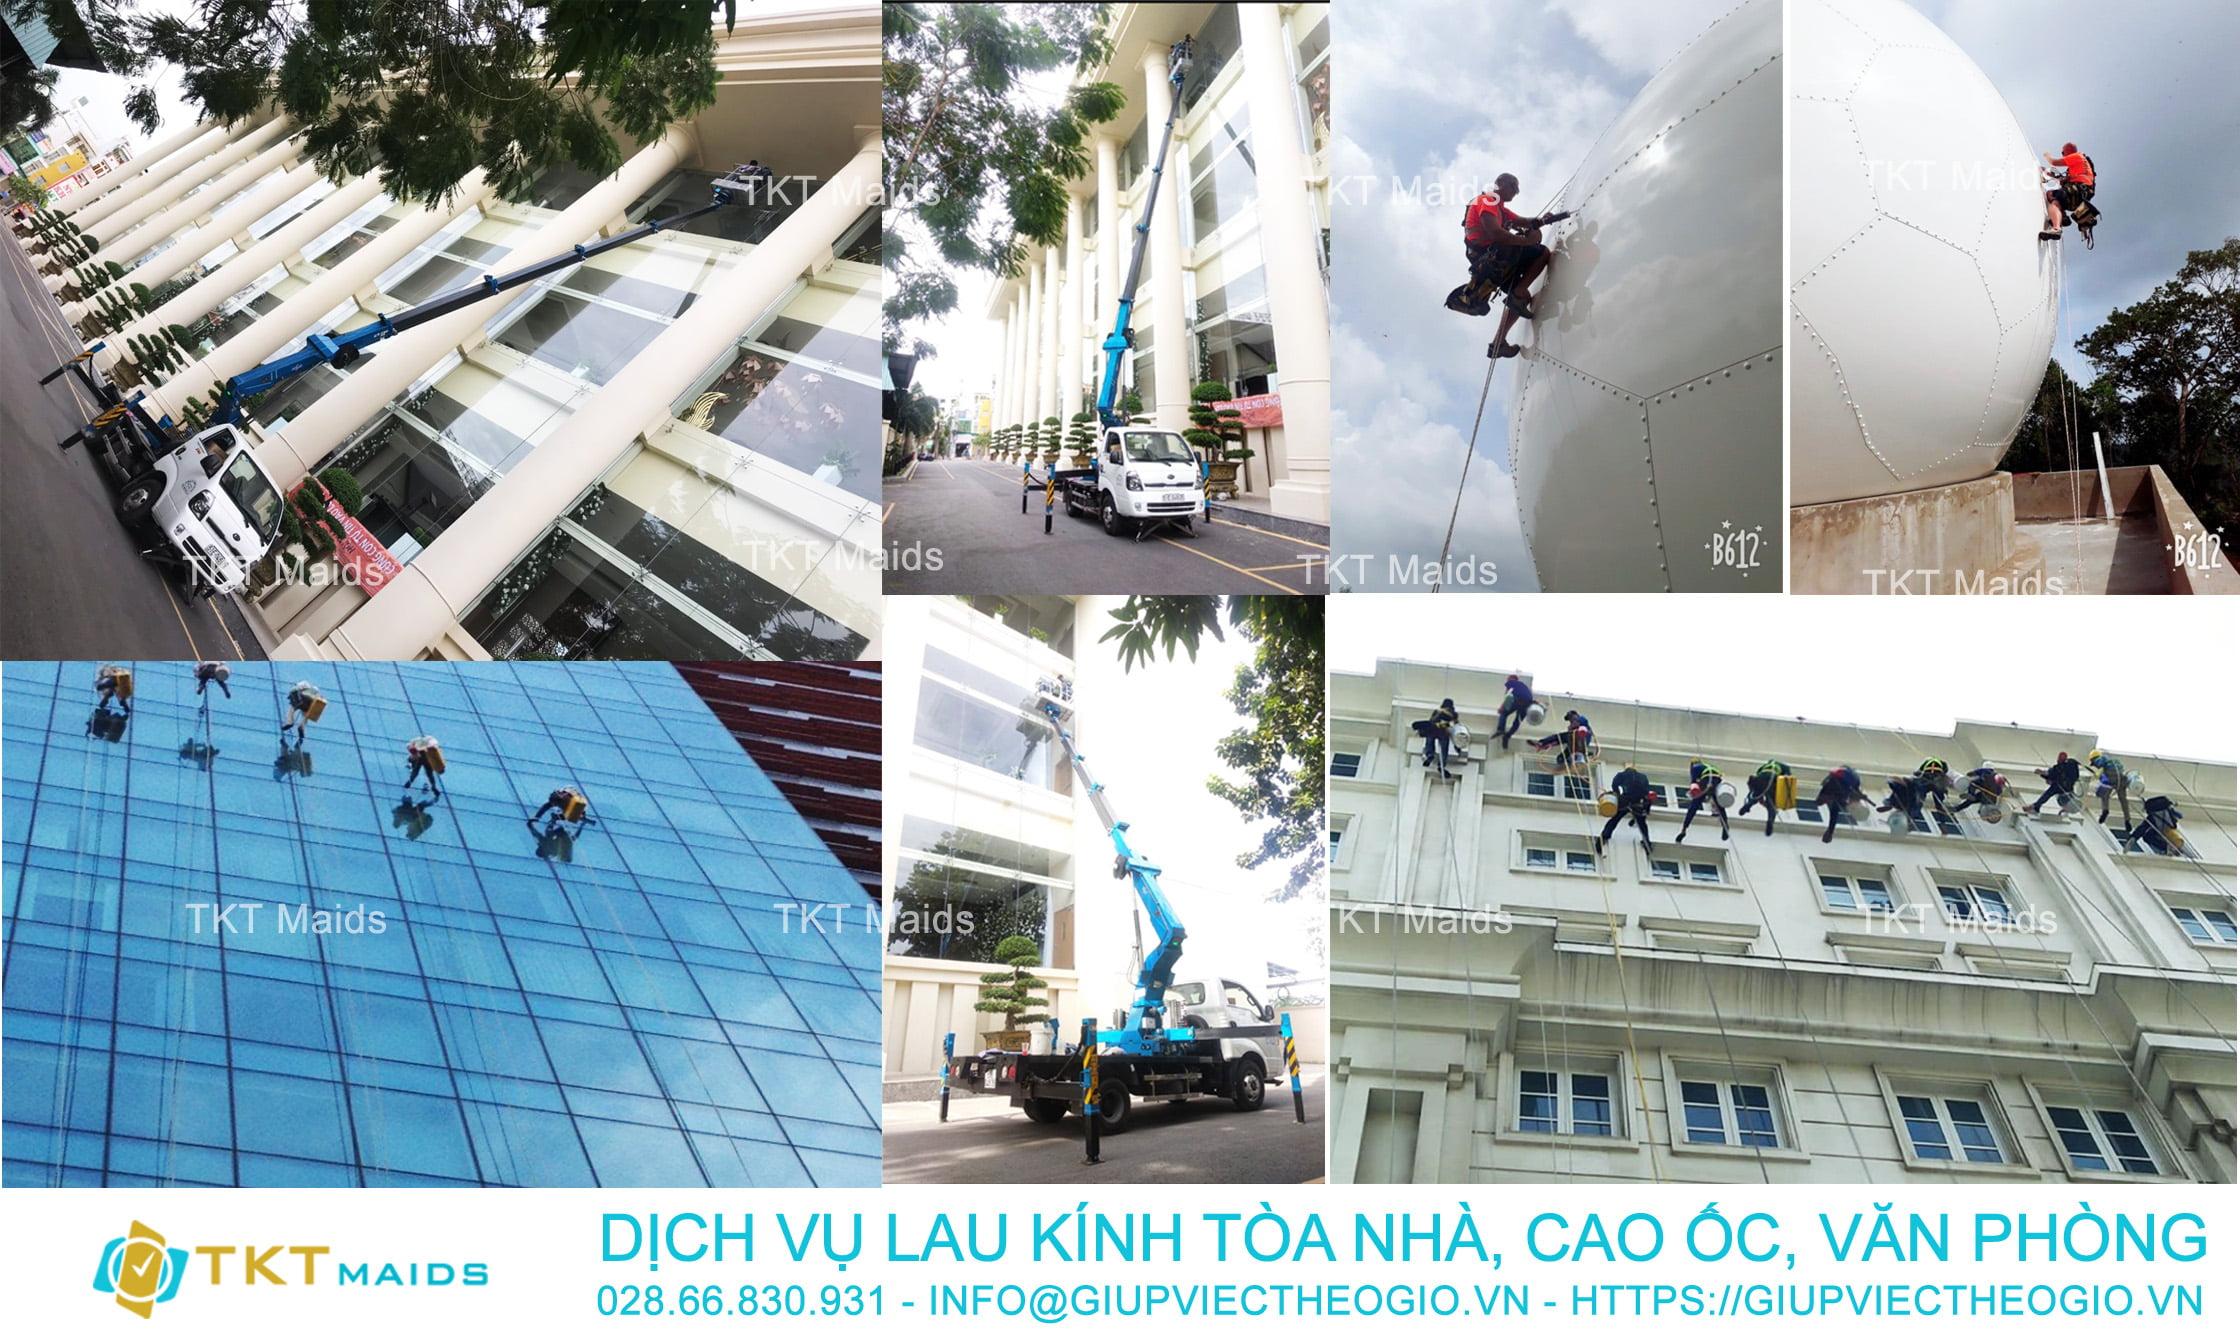 dịch vụ lau kính tòa nhà cao ốc văn phòng TKT Maids